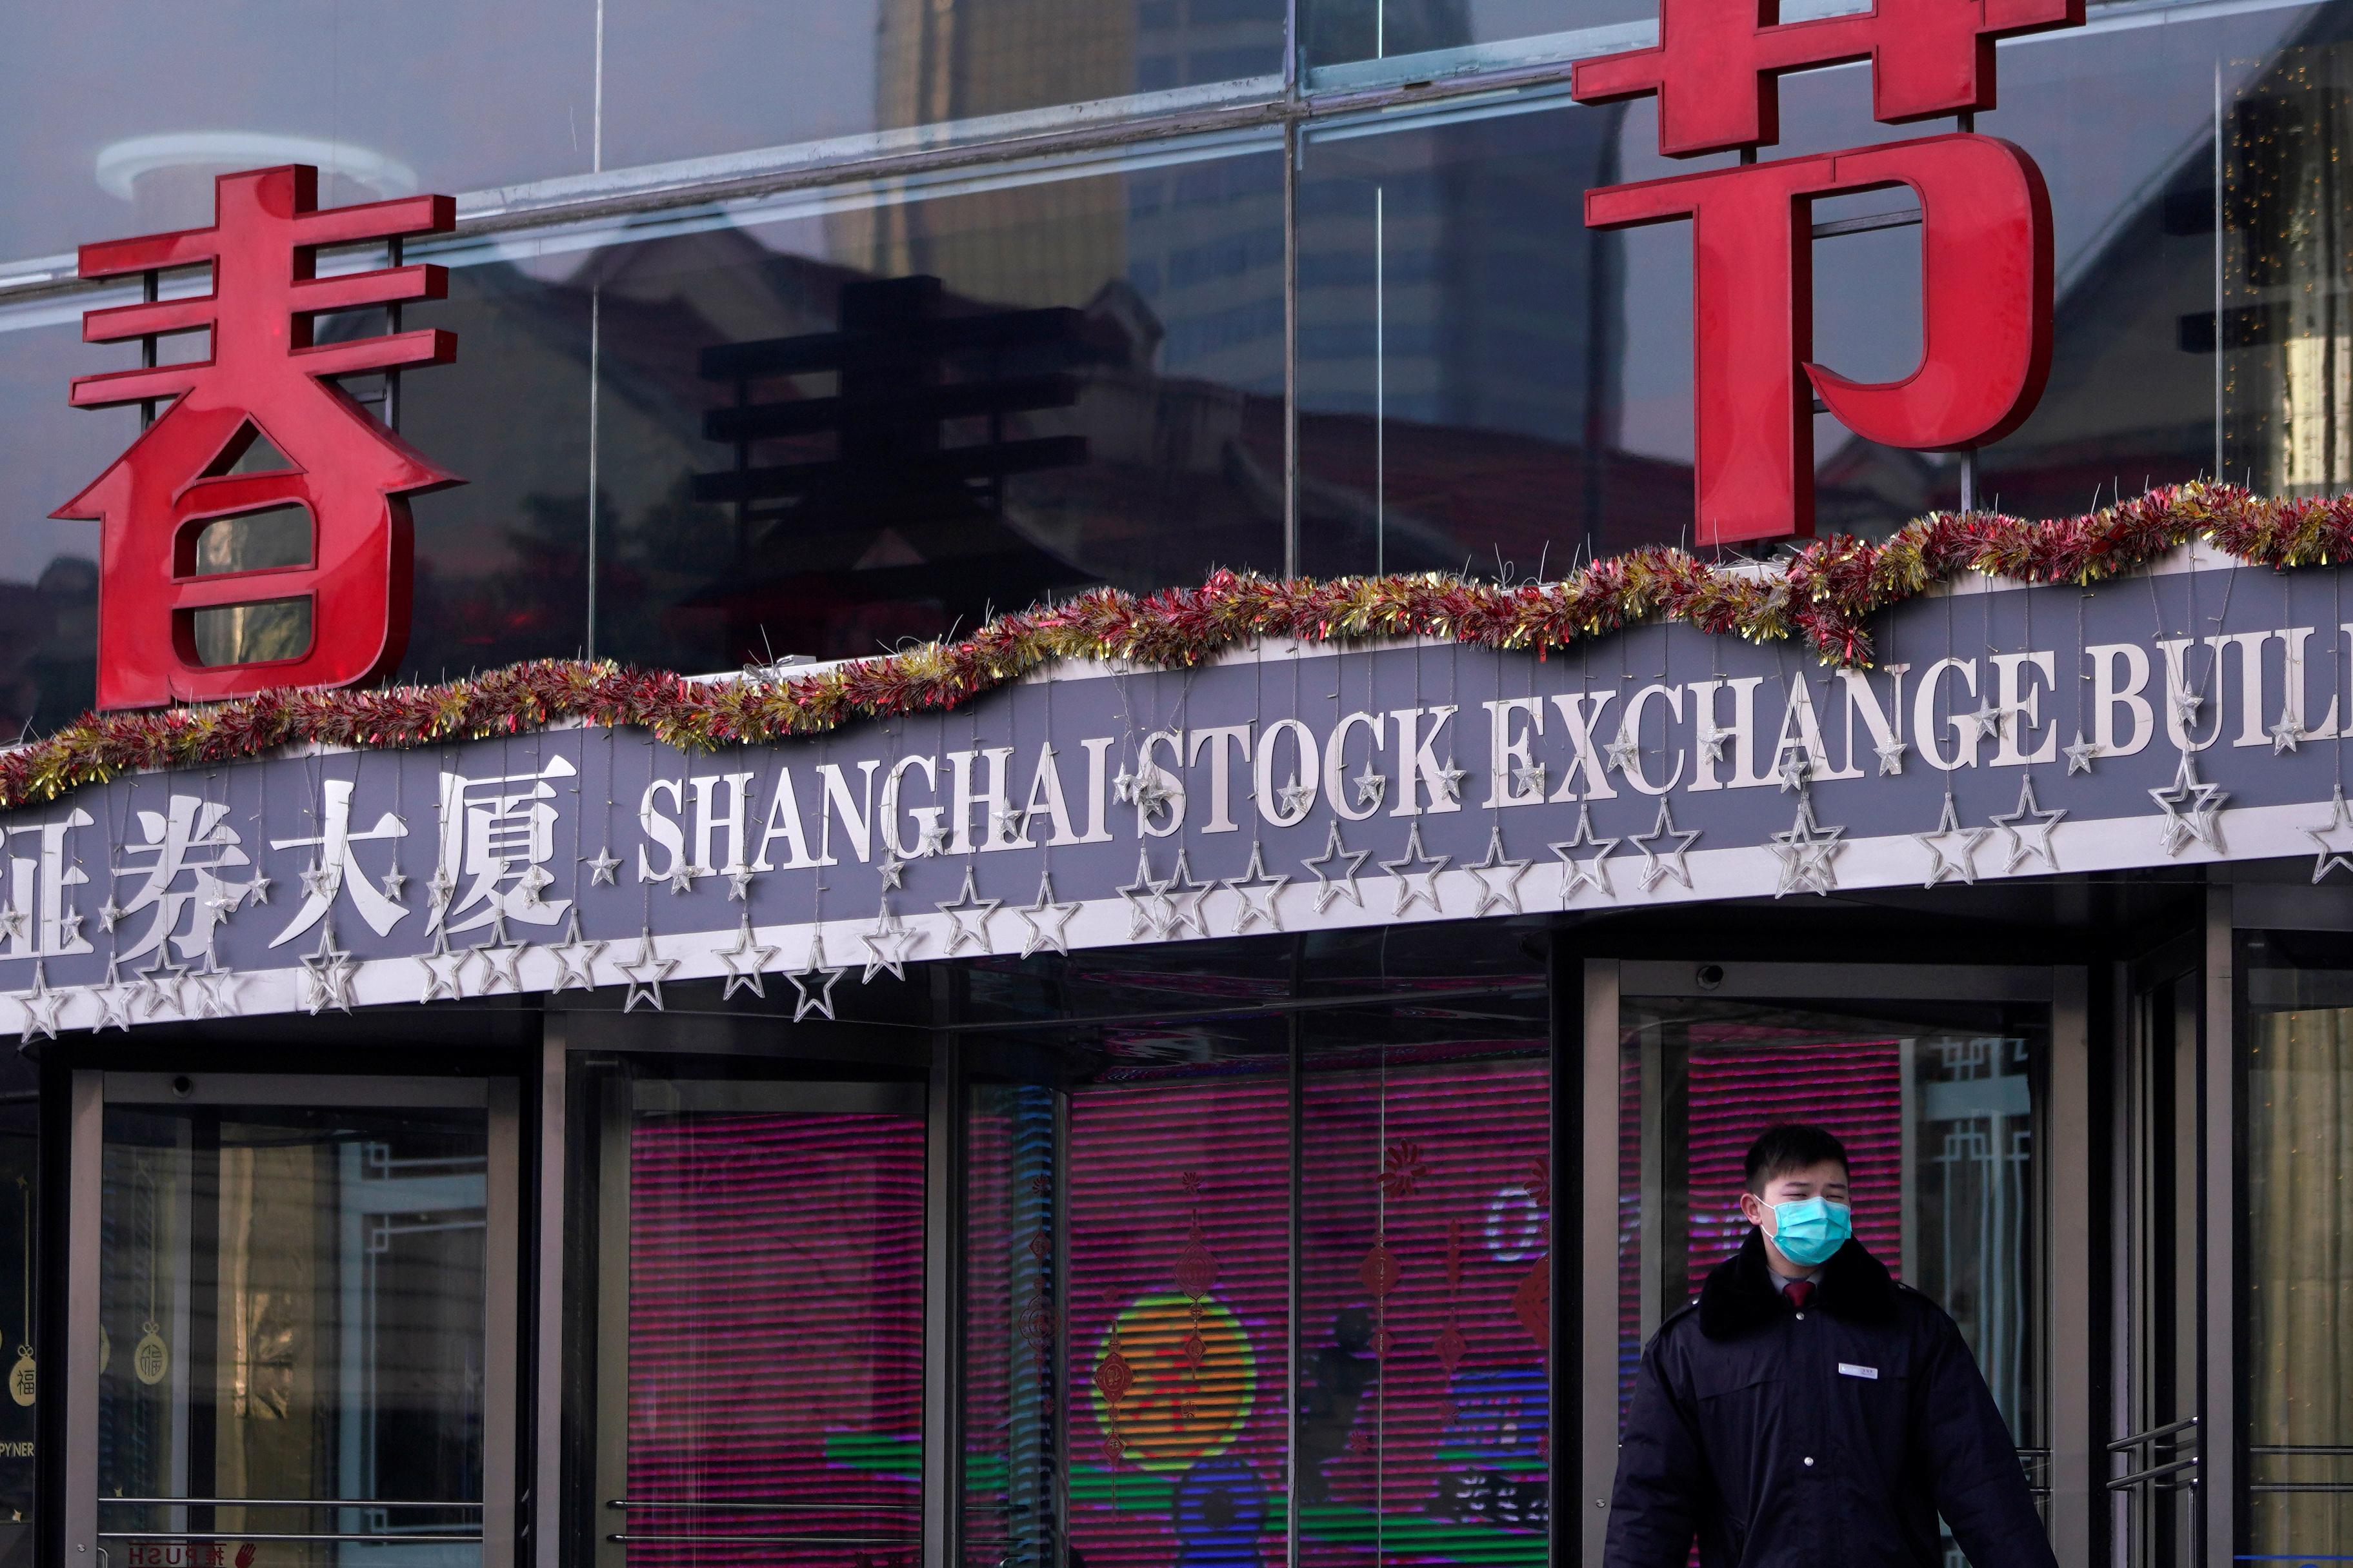 Ο κορονοϊός βλάπτει σοβαρά και τις αγορές: Ένεση ρευστότητας ετοιμάζει η Κίνα